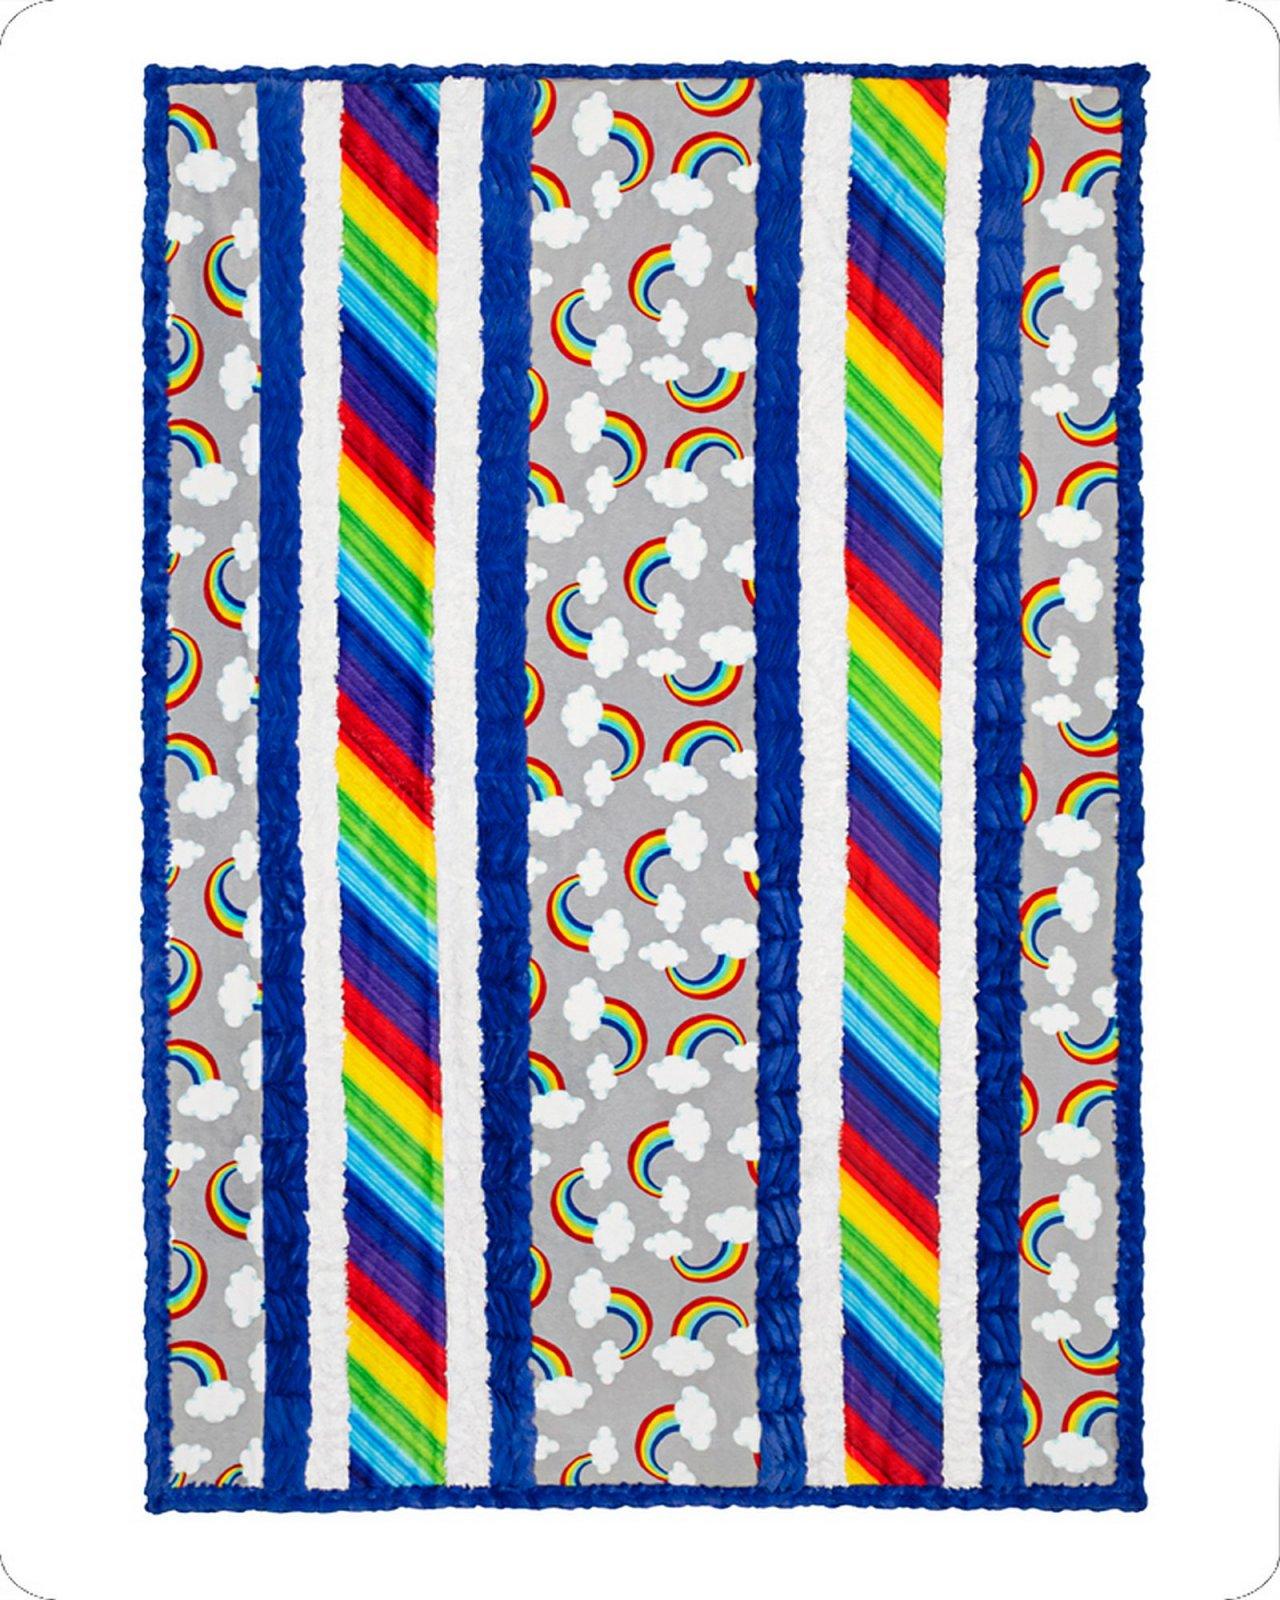 Color Pop - Fabulous 5 Cuddle Kit 38 X 58